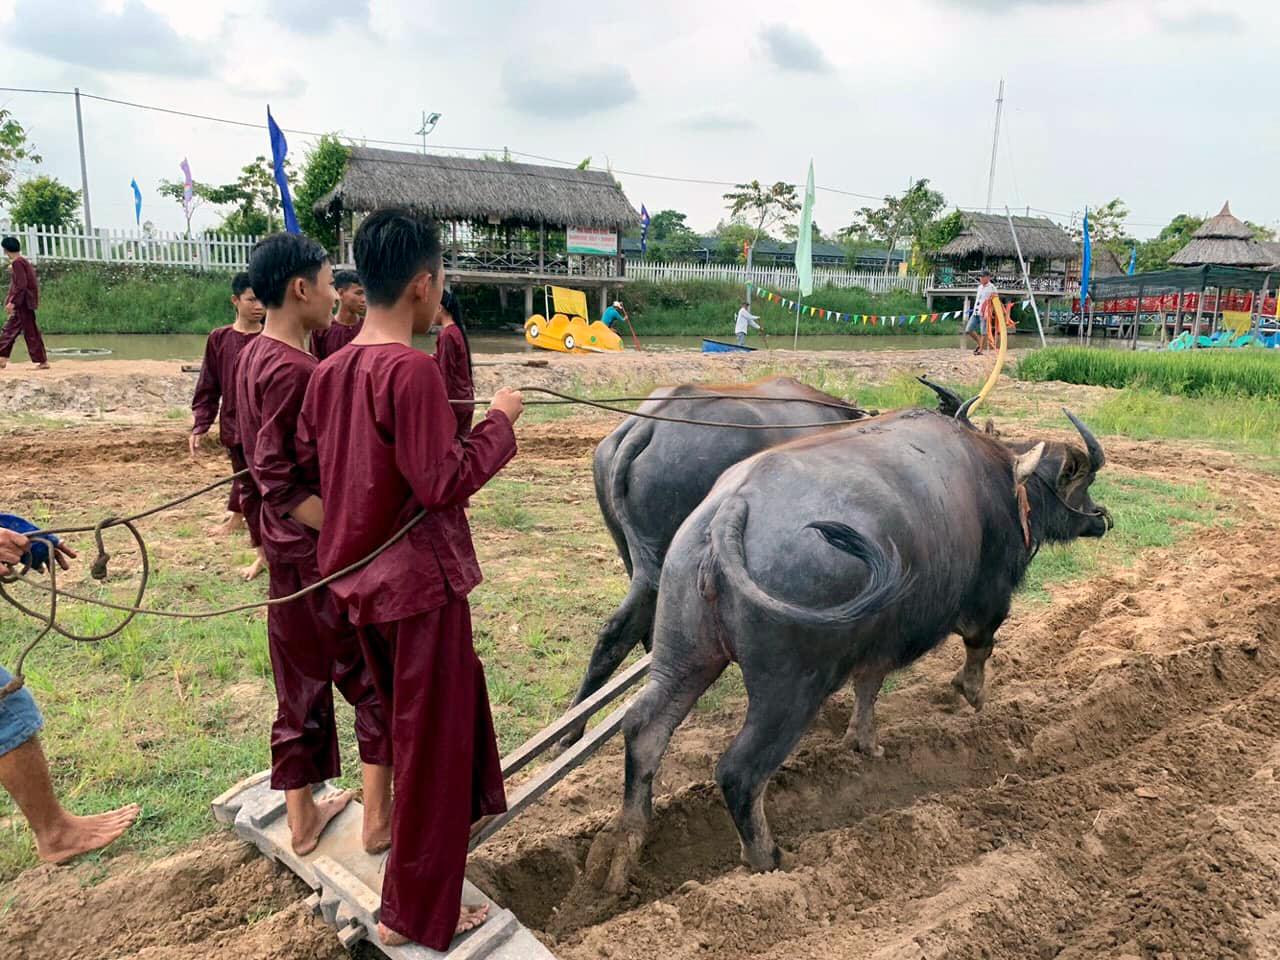 Du khách hóa thân thành người nông dân